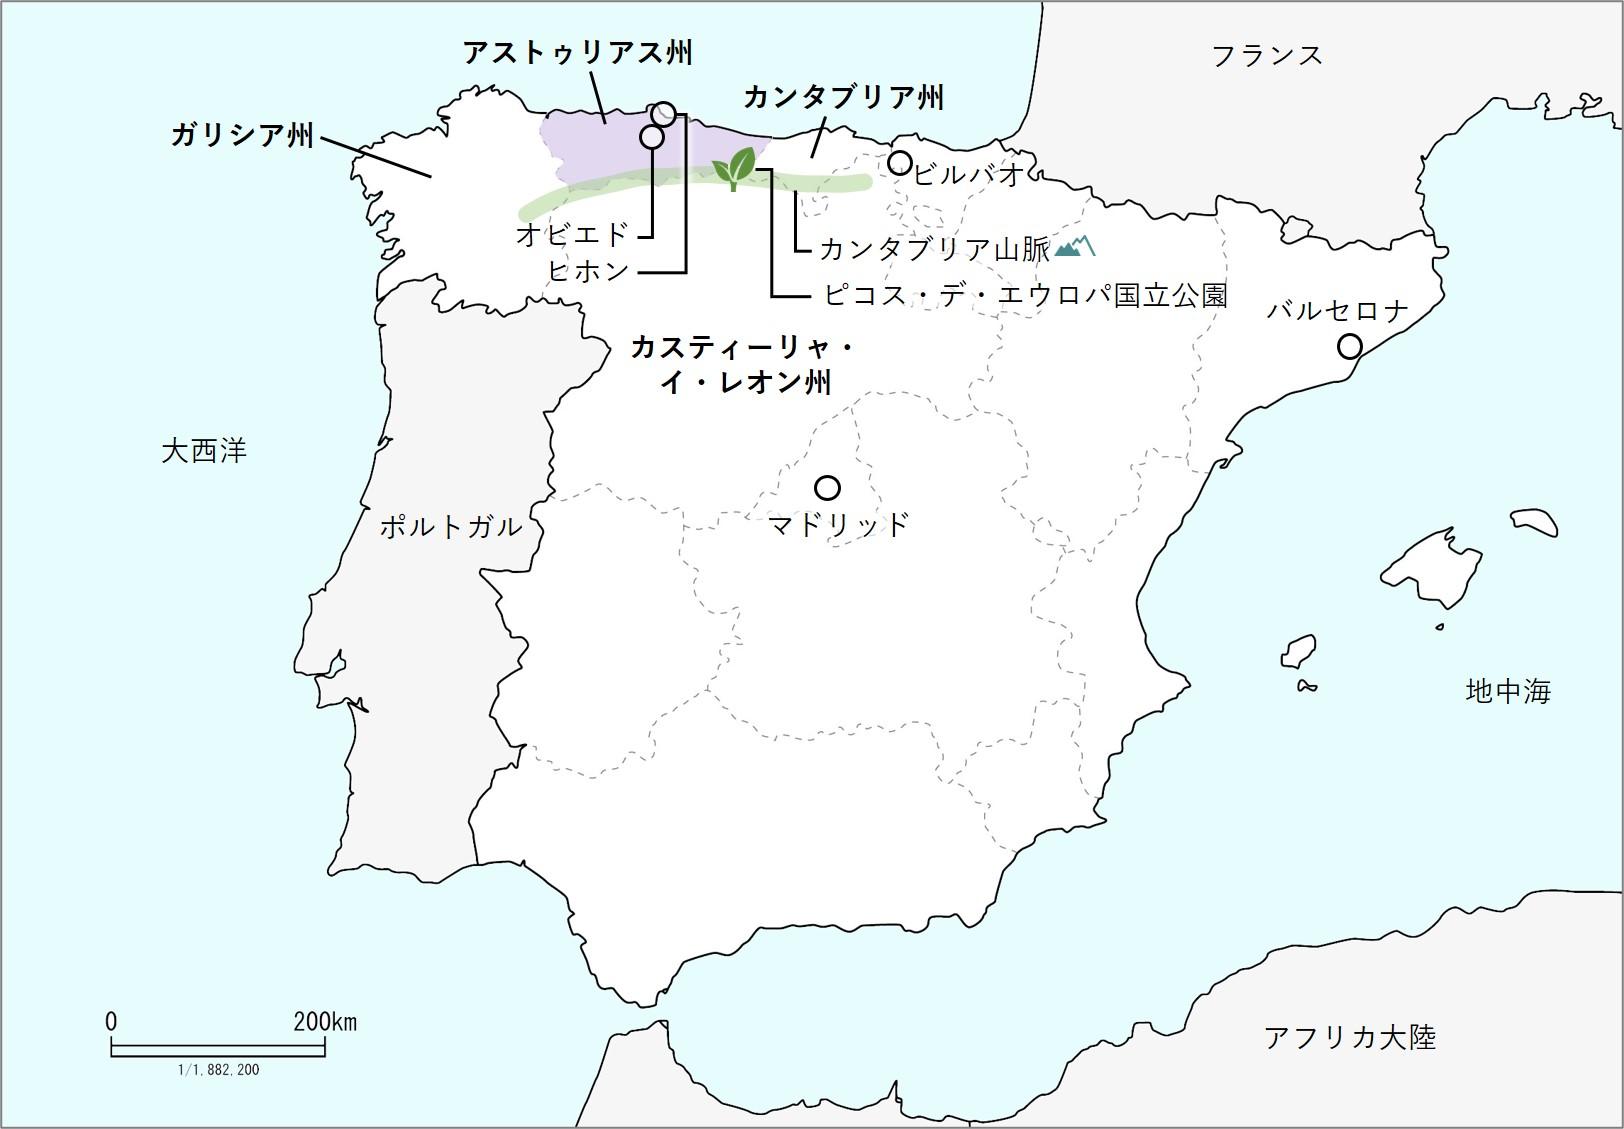 アストゥリアスの地図